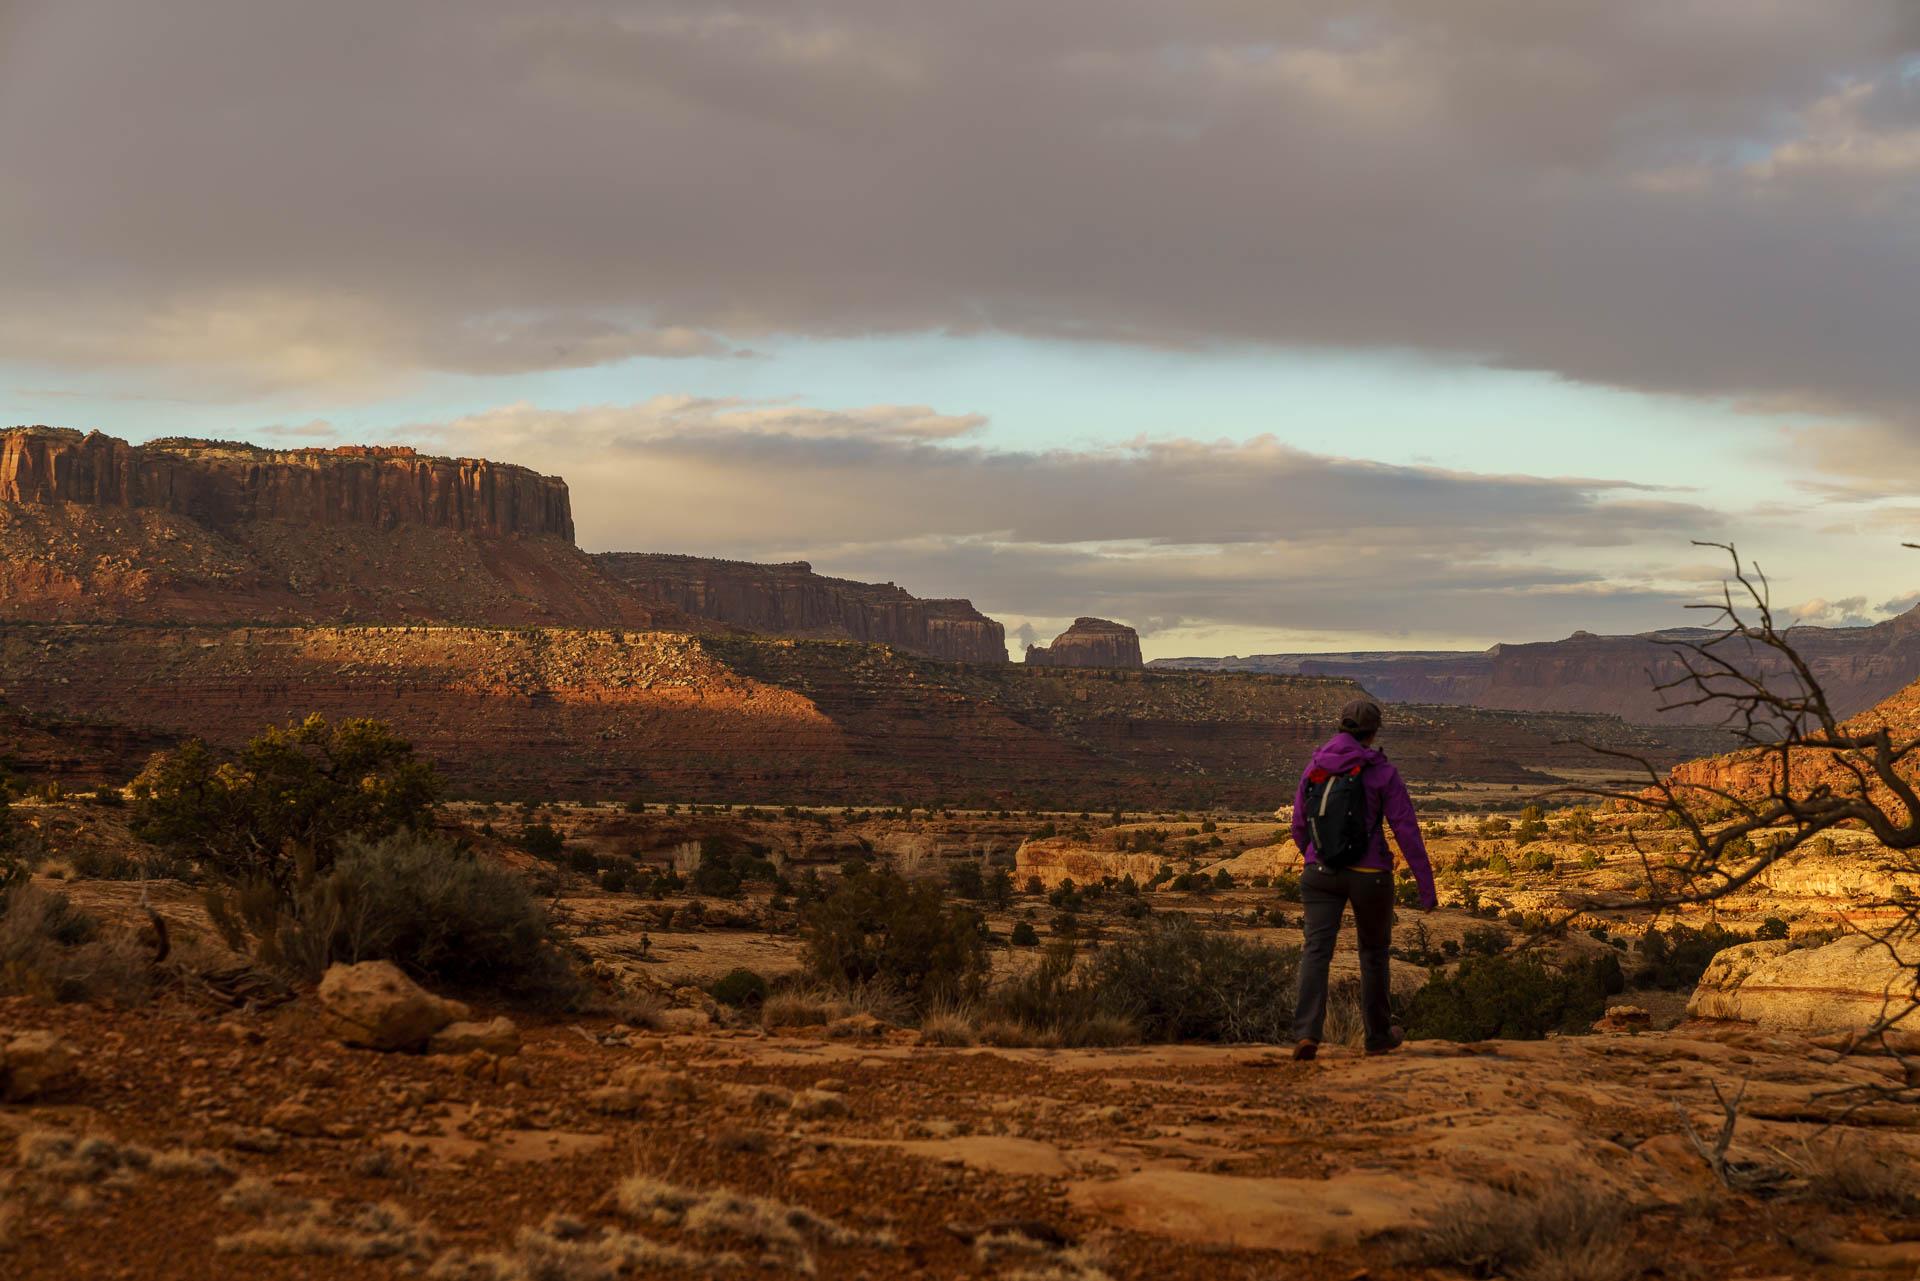 megan landscape